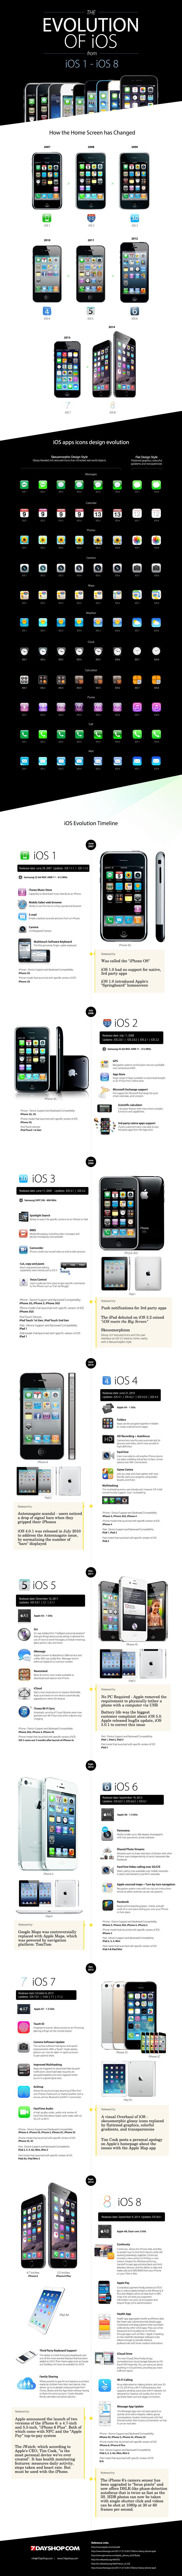 Evolution von OS 1 bis iOS 8 im Zeitstrahl